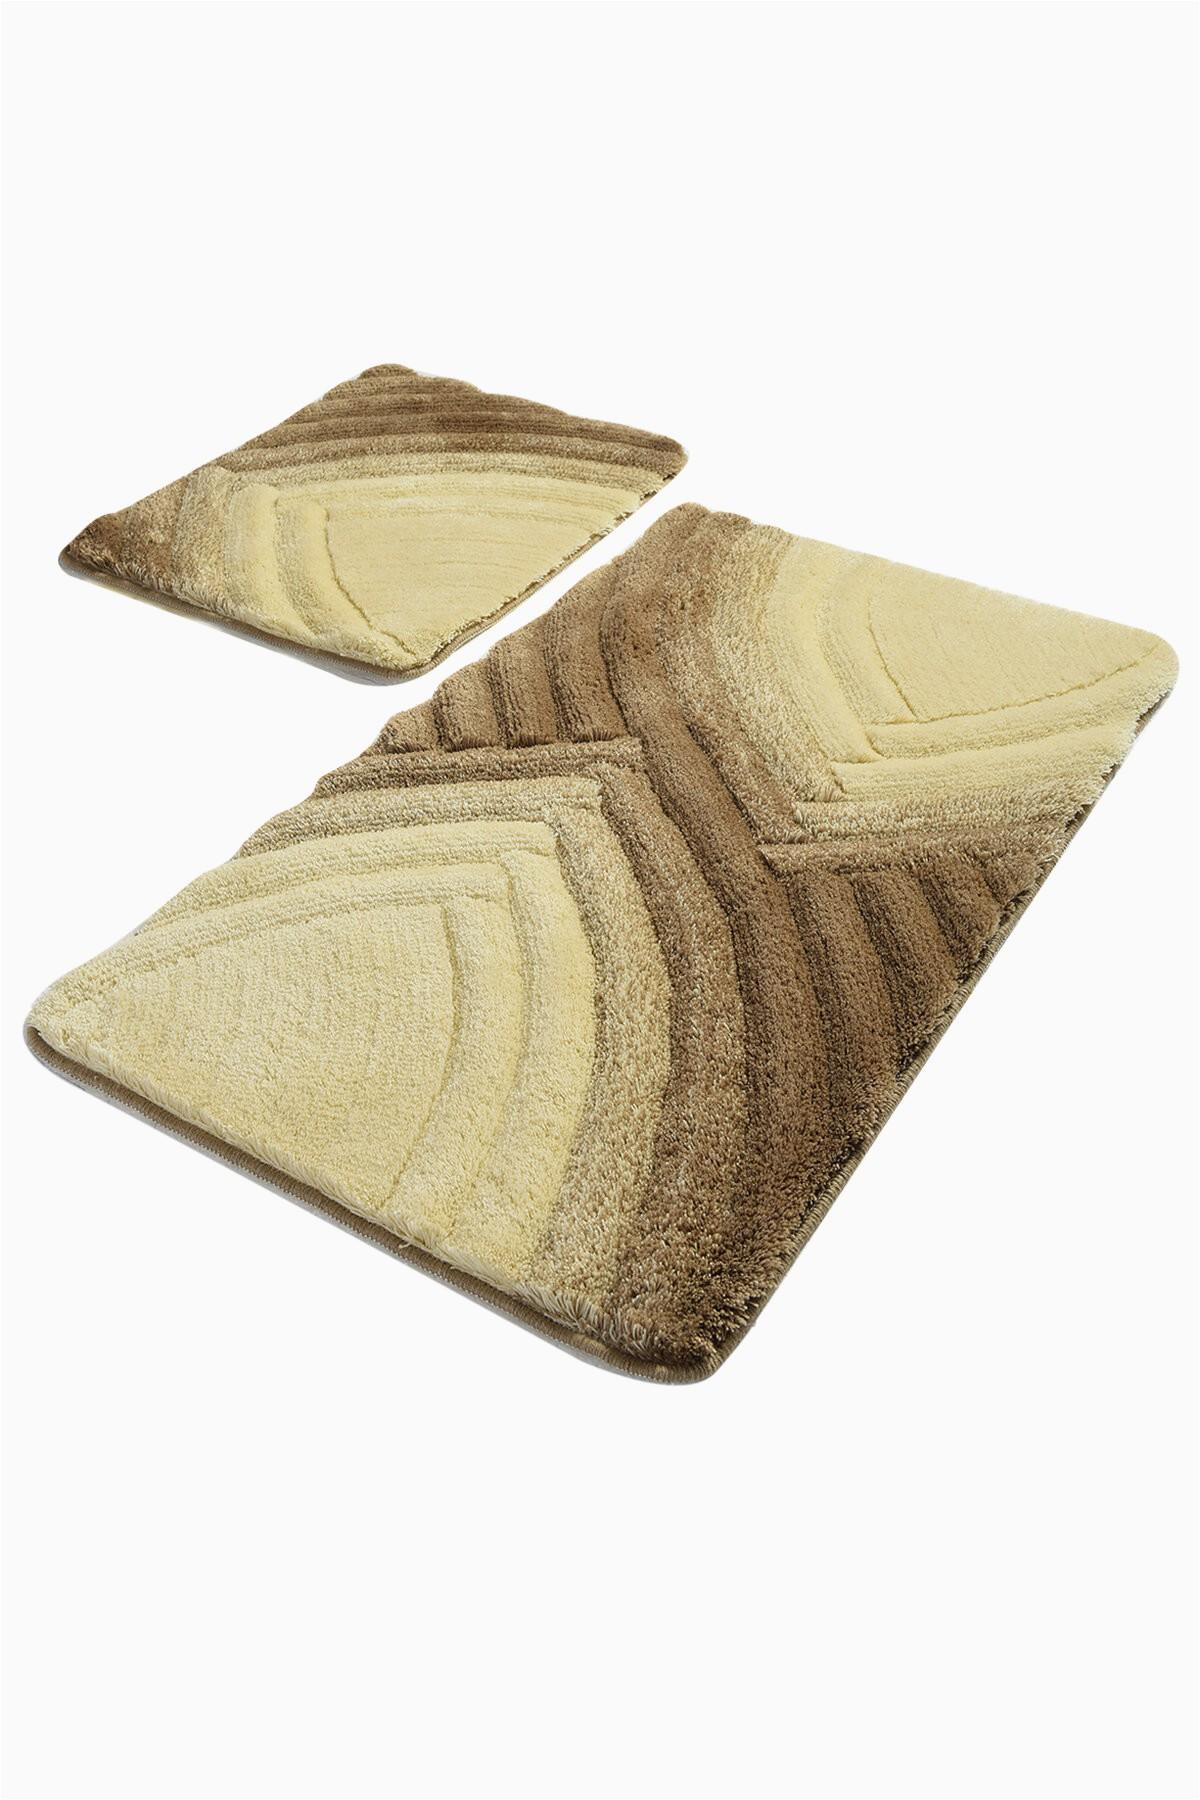 brayden studio creasy 2 piece bath rug set w